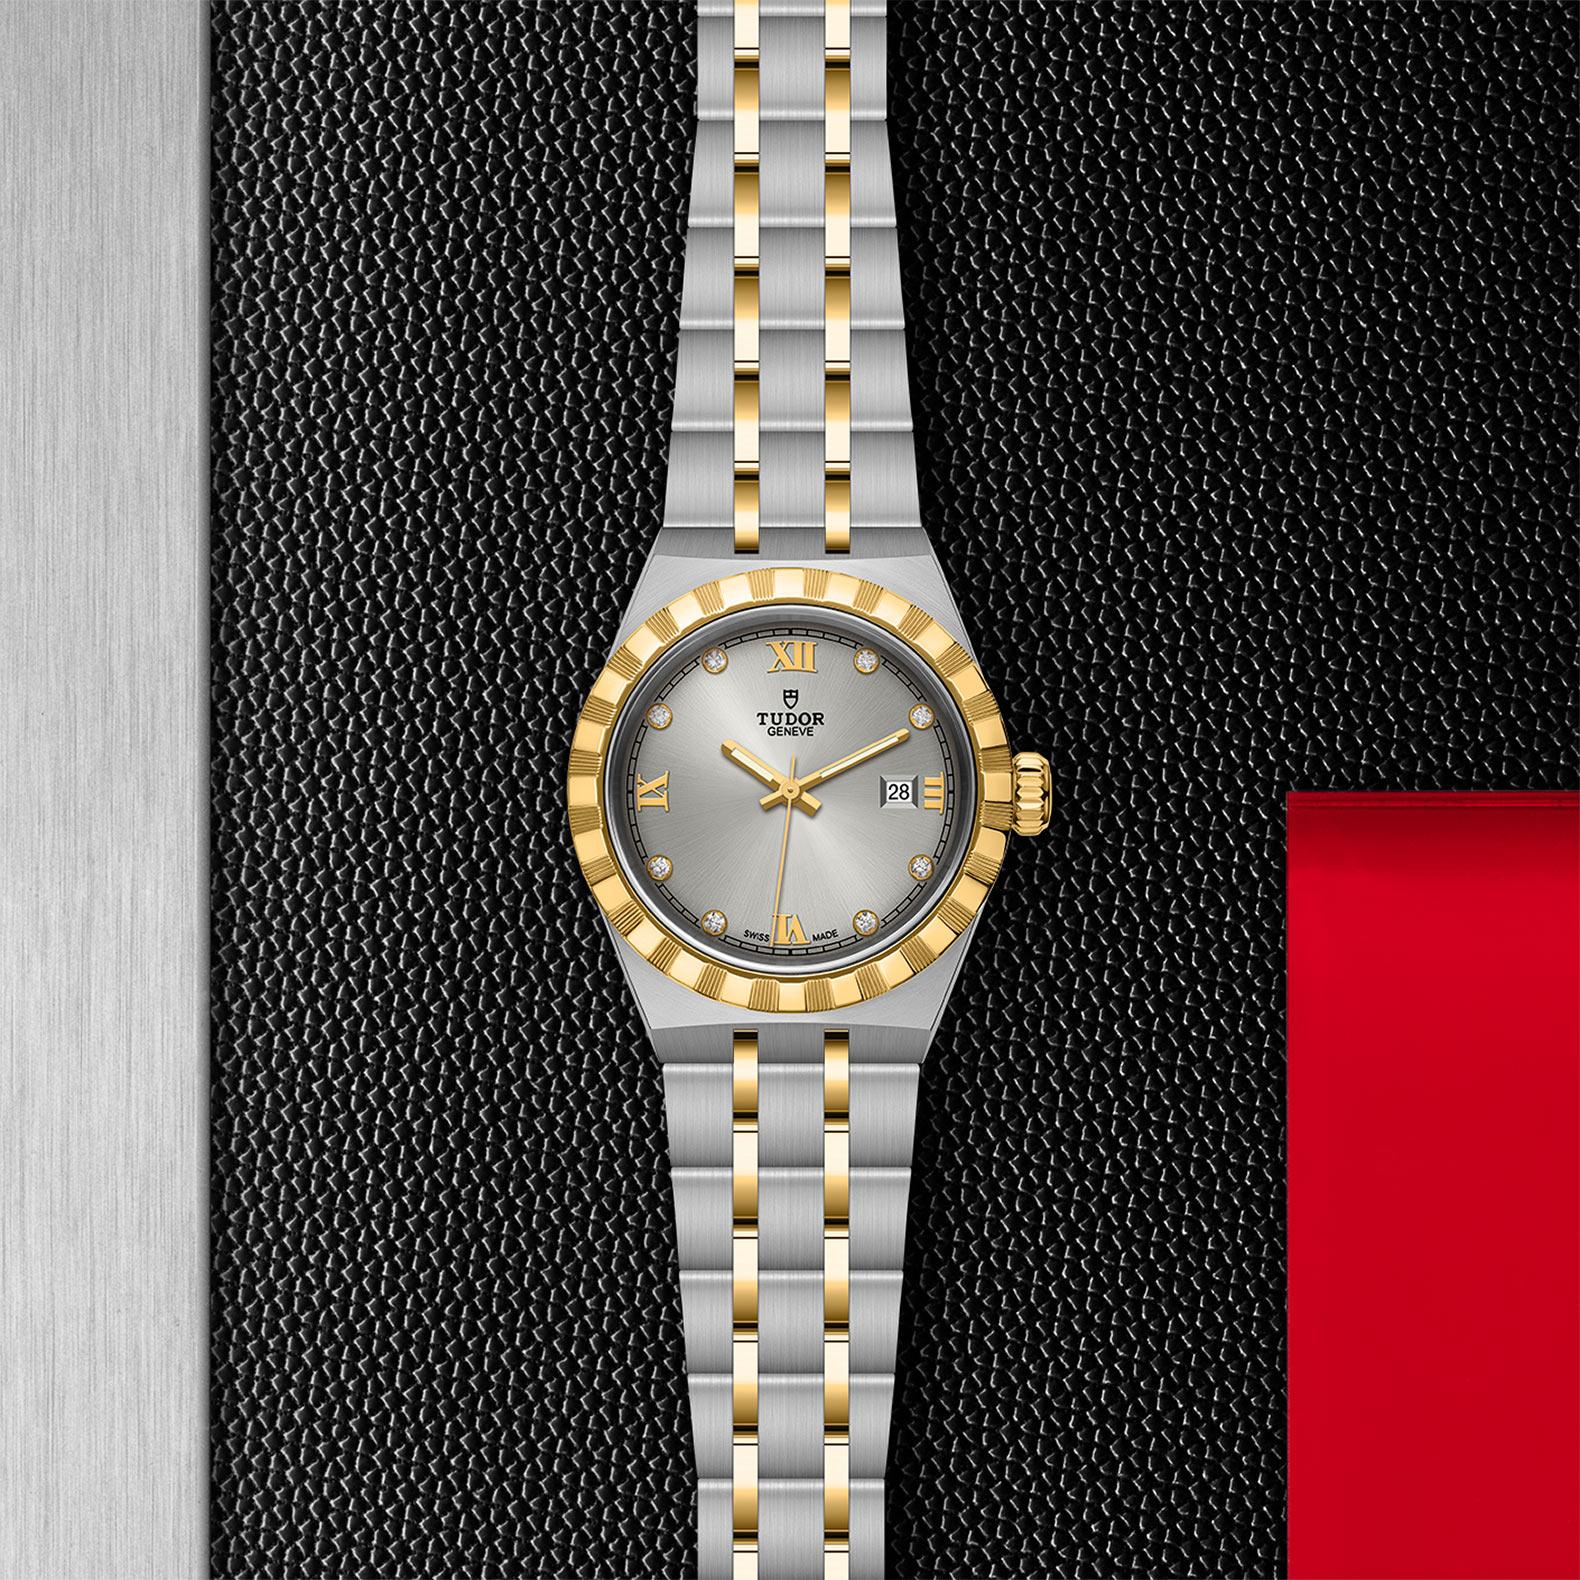 TUDOR Royal - M28303-0002